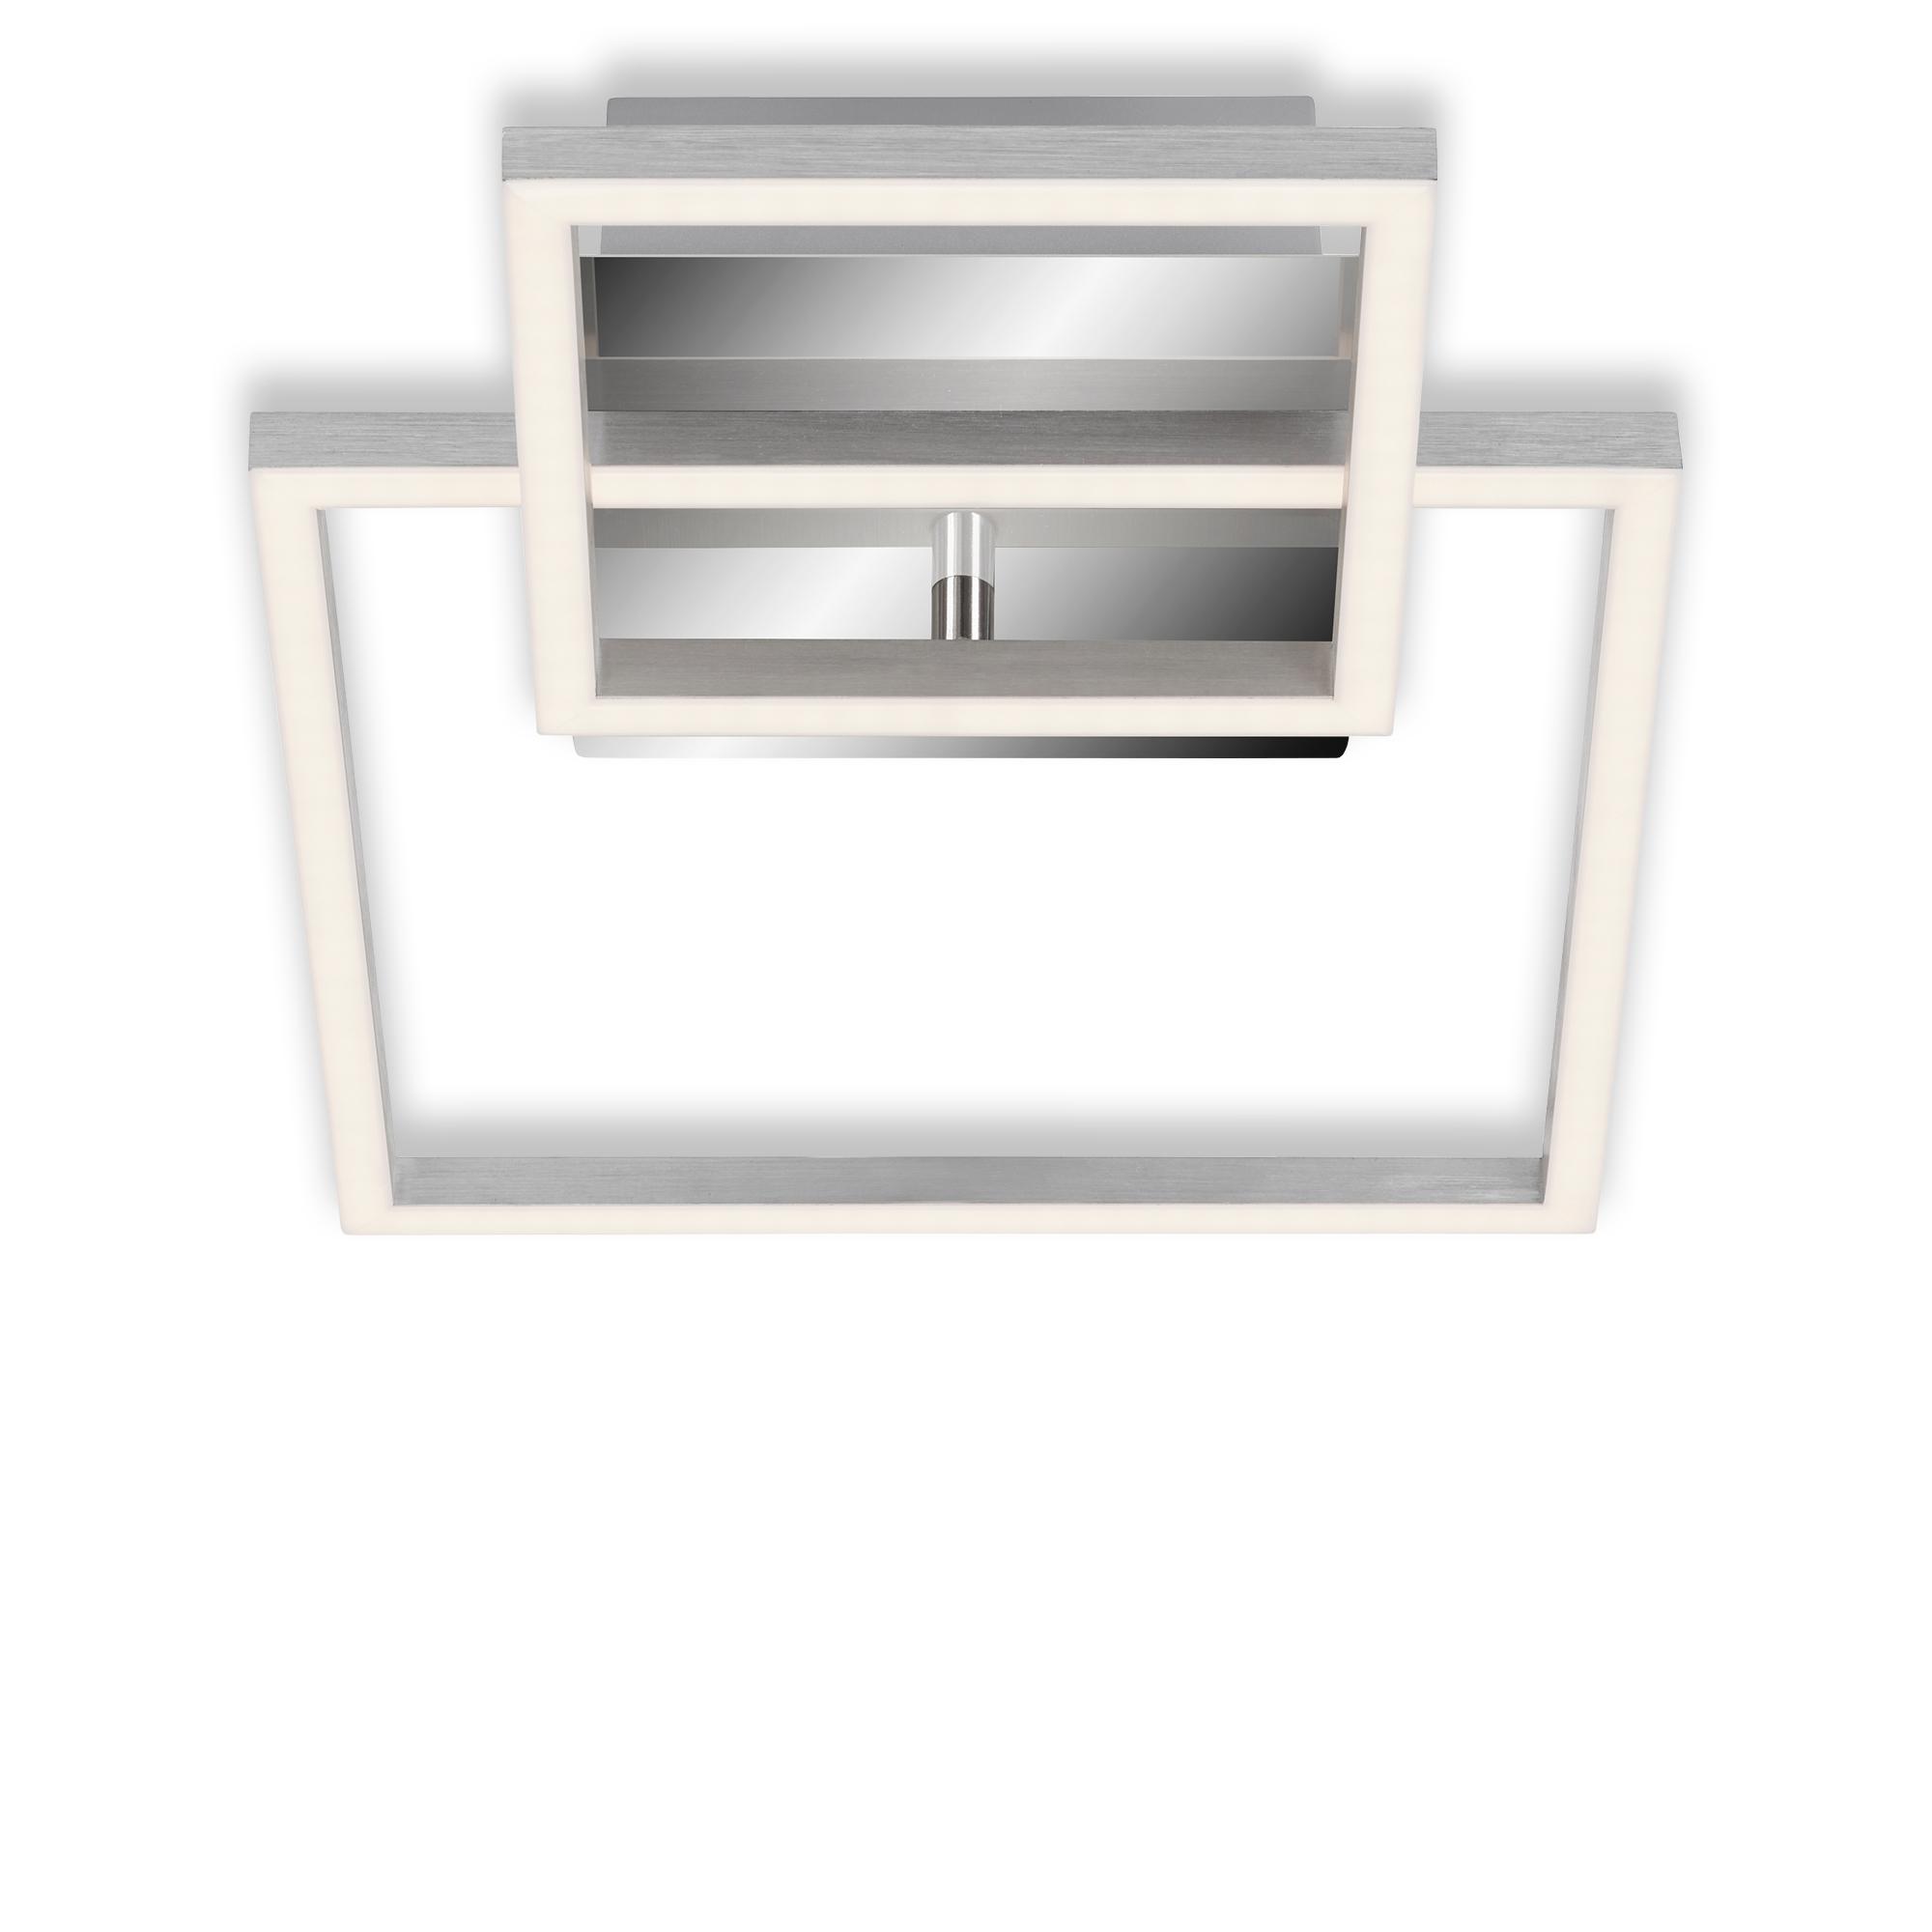 LED Deckenleuchte, 35,8 cm, 19,6 W, Alu-Chrom